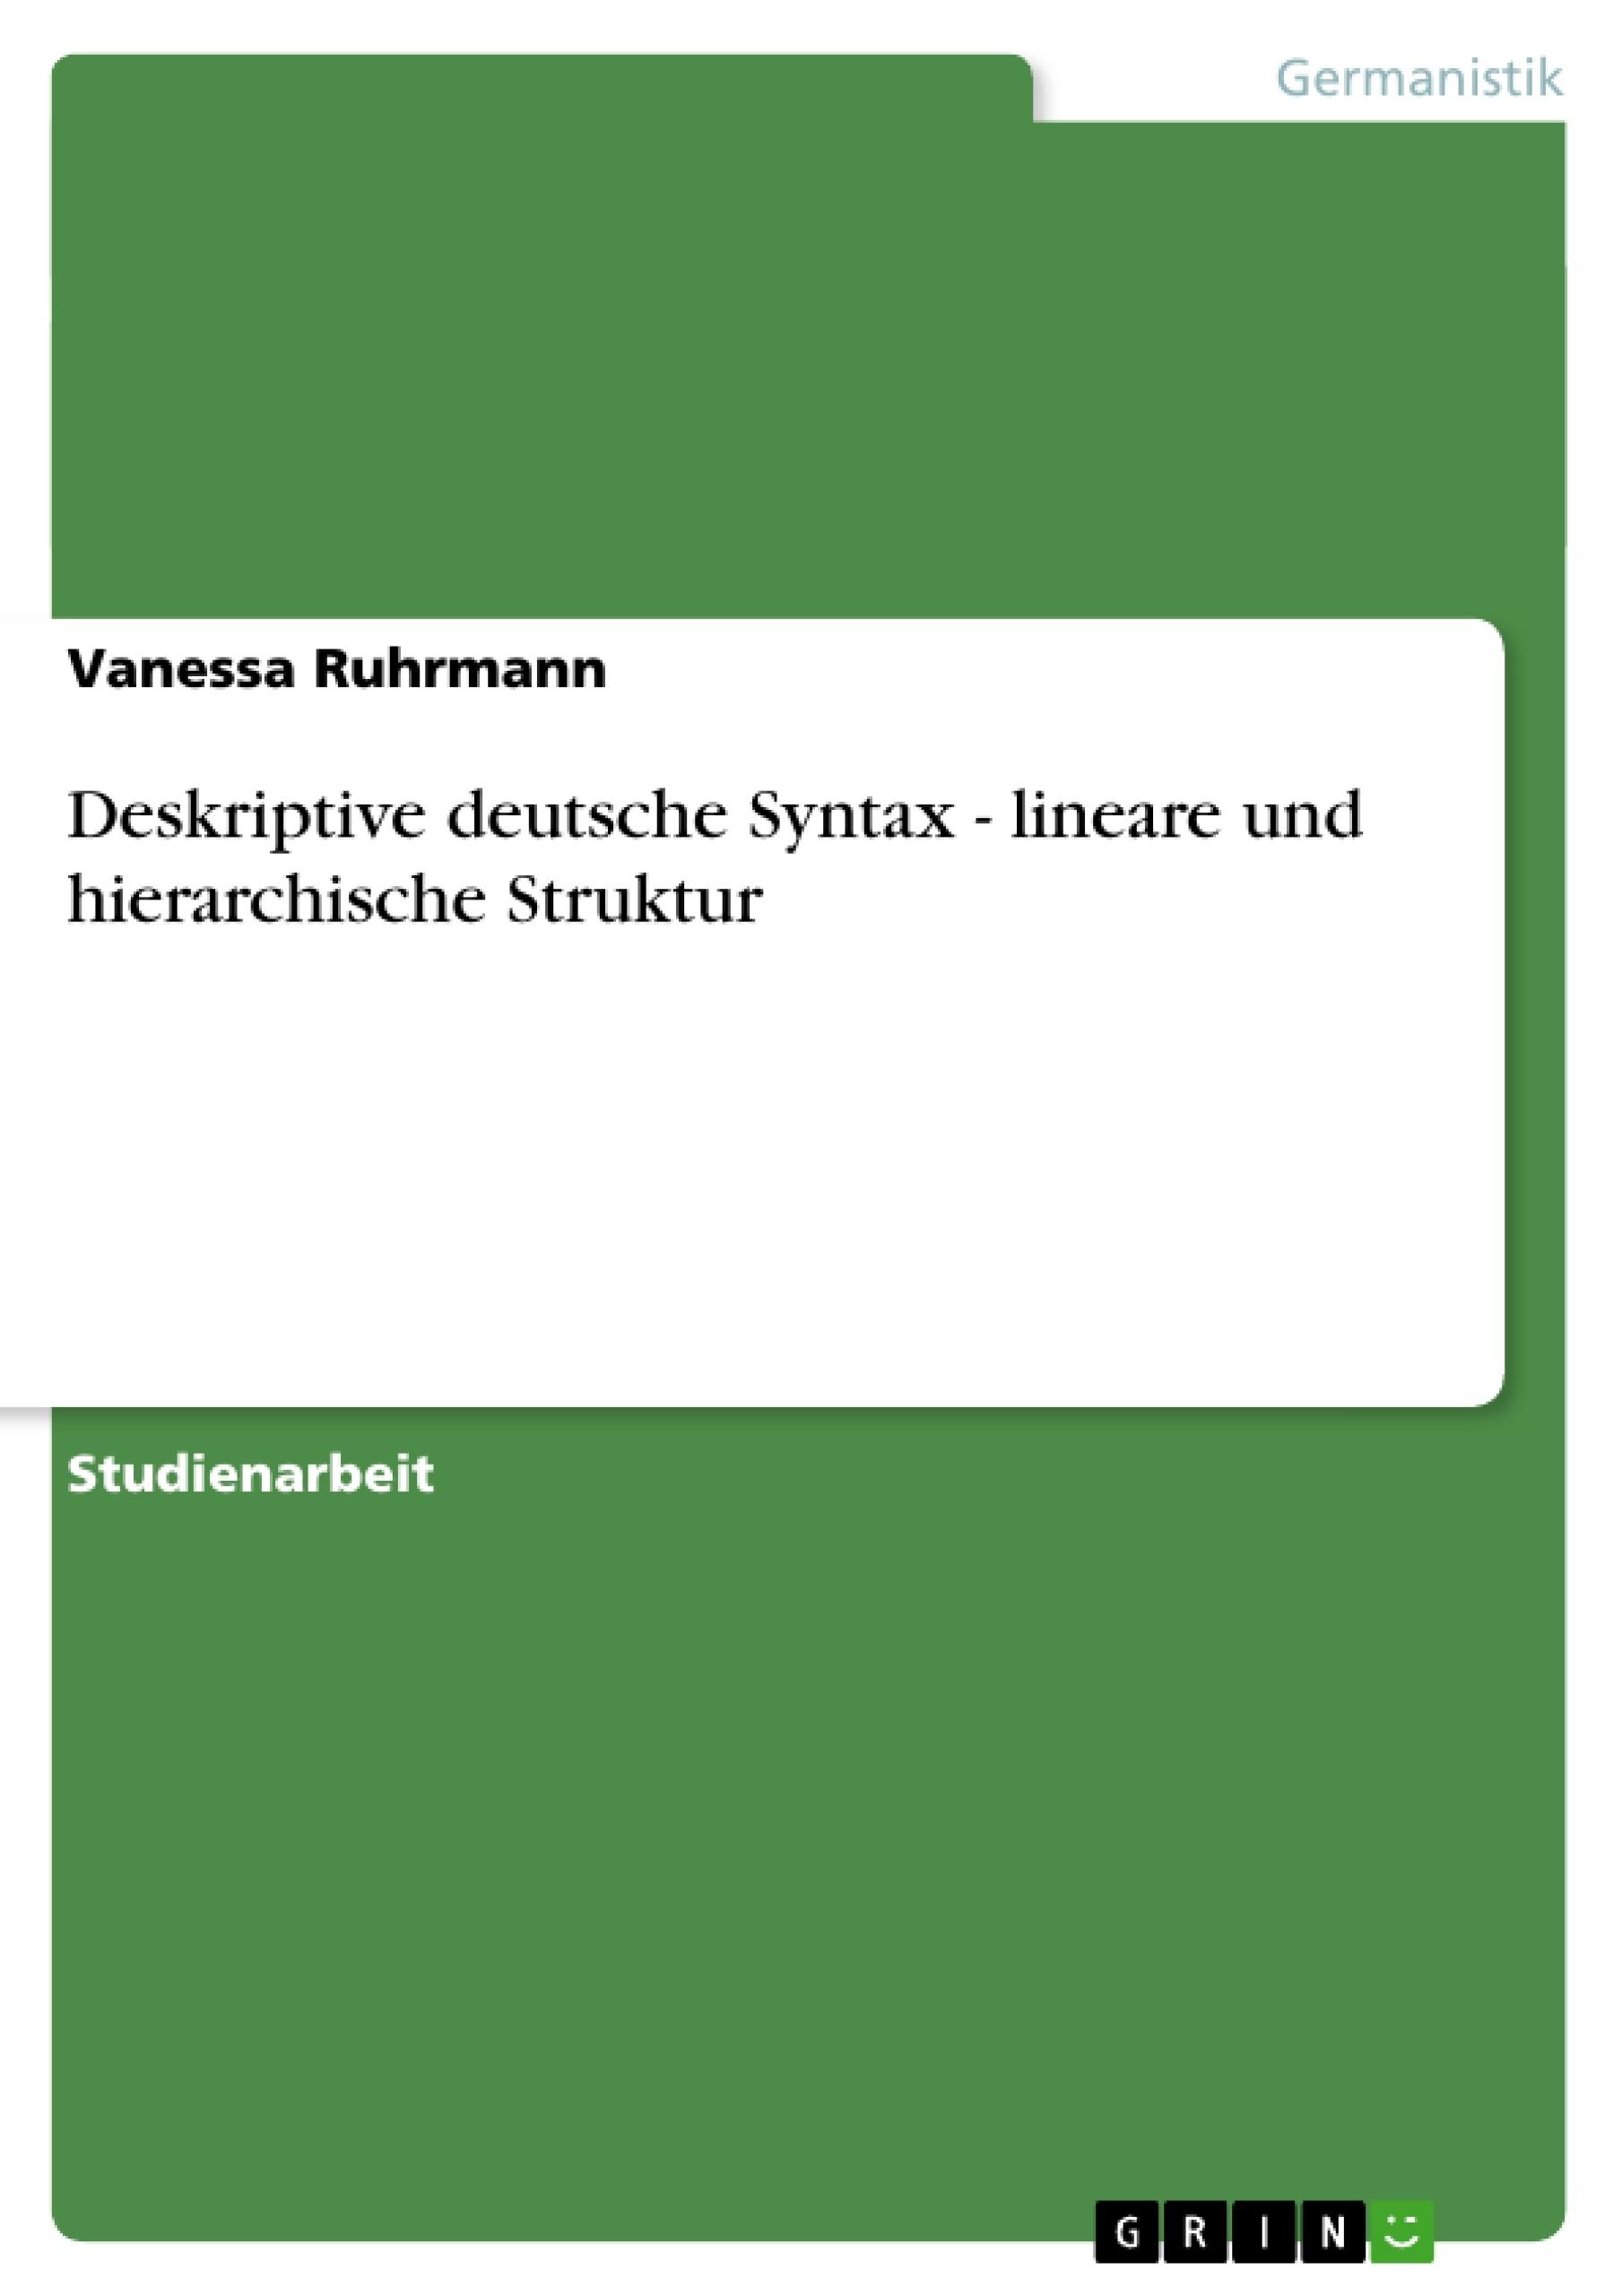 Titel: Deskriptive deutsche Syntax - lineare und hierarchische Struktur